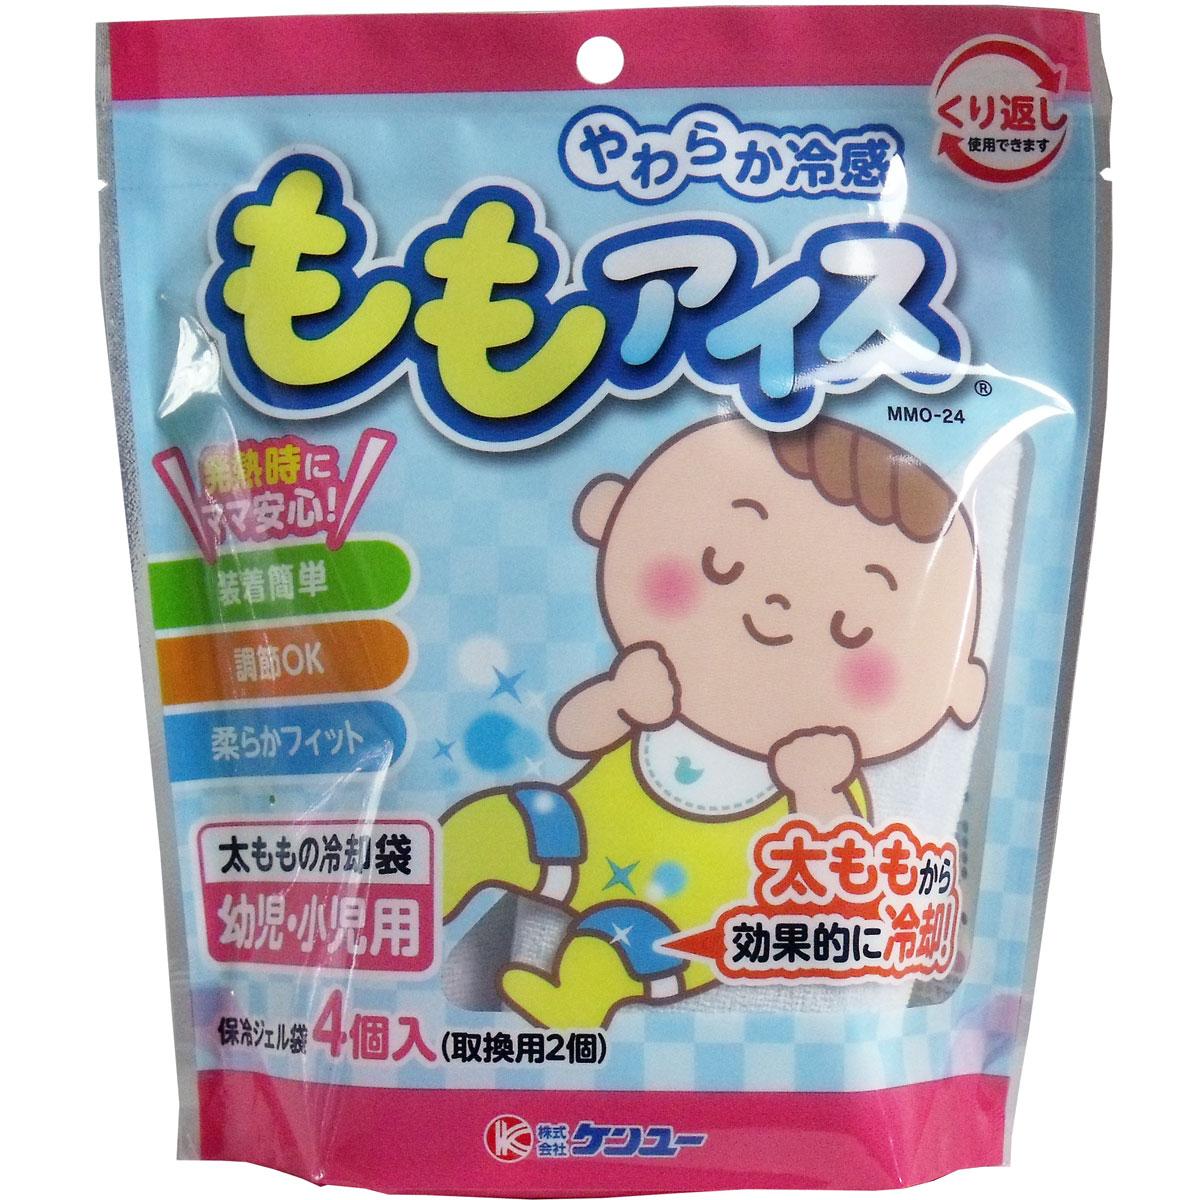 やわらか冷感 ももアイス 太ももの冷却袋 幼児・小児用 4個入 24袋入り=1ケース